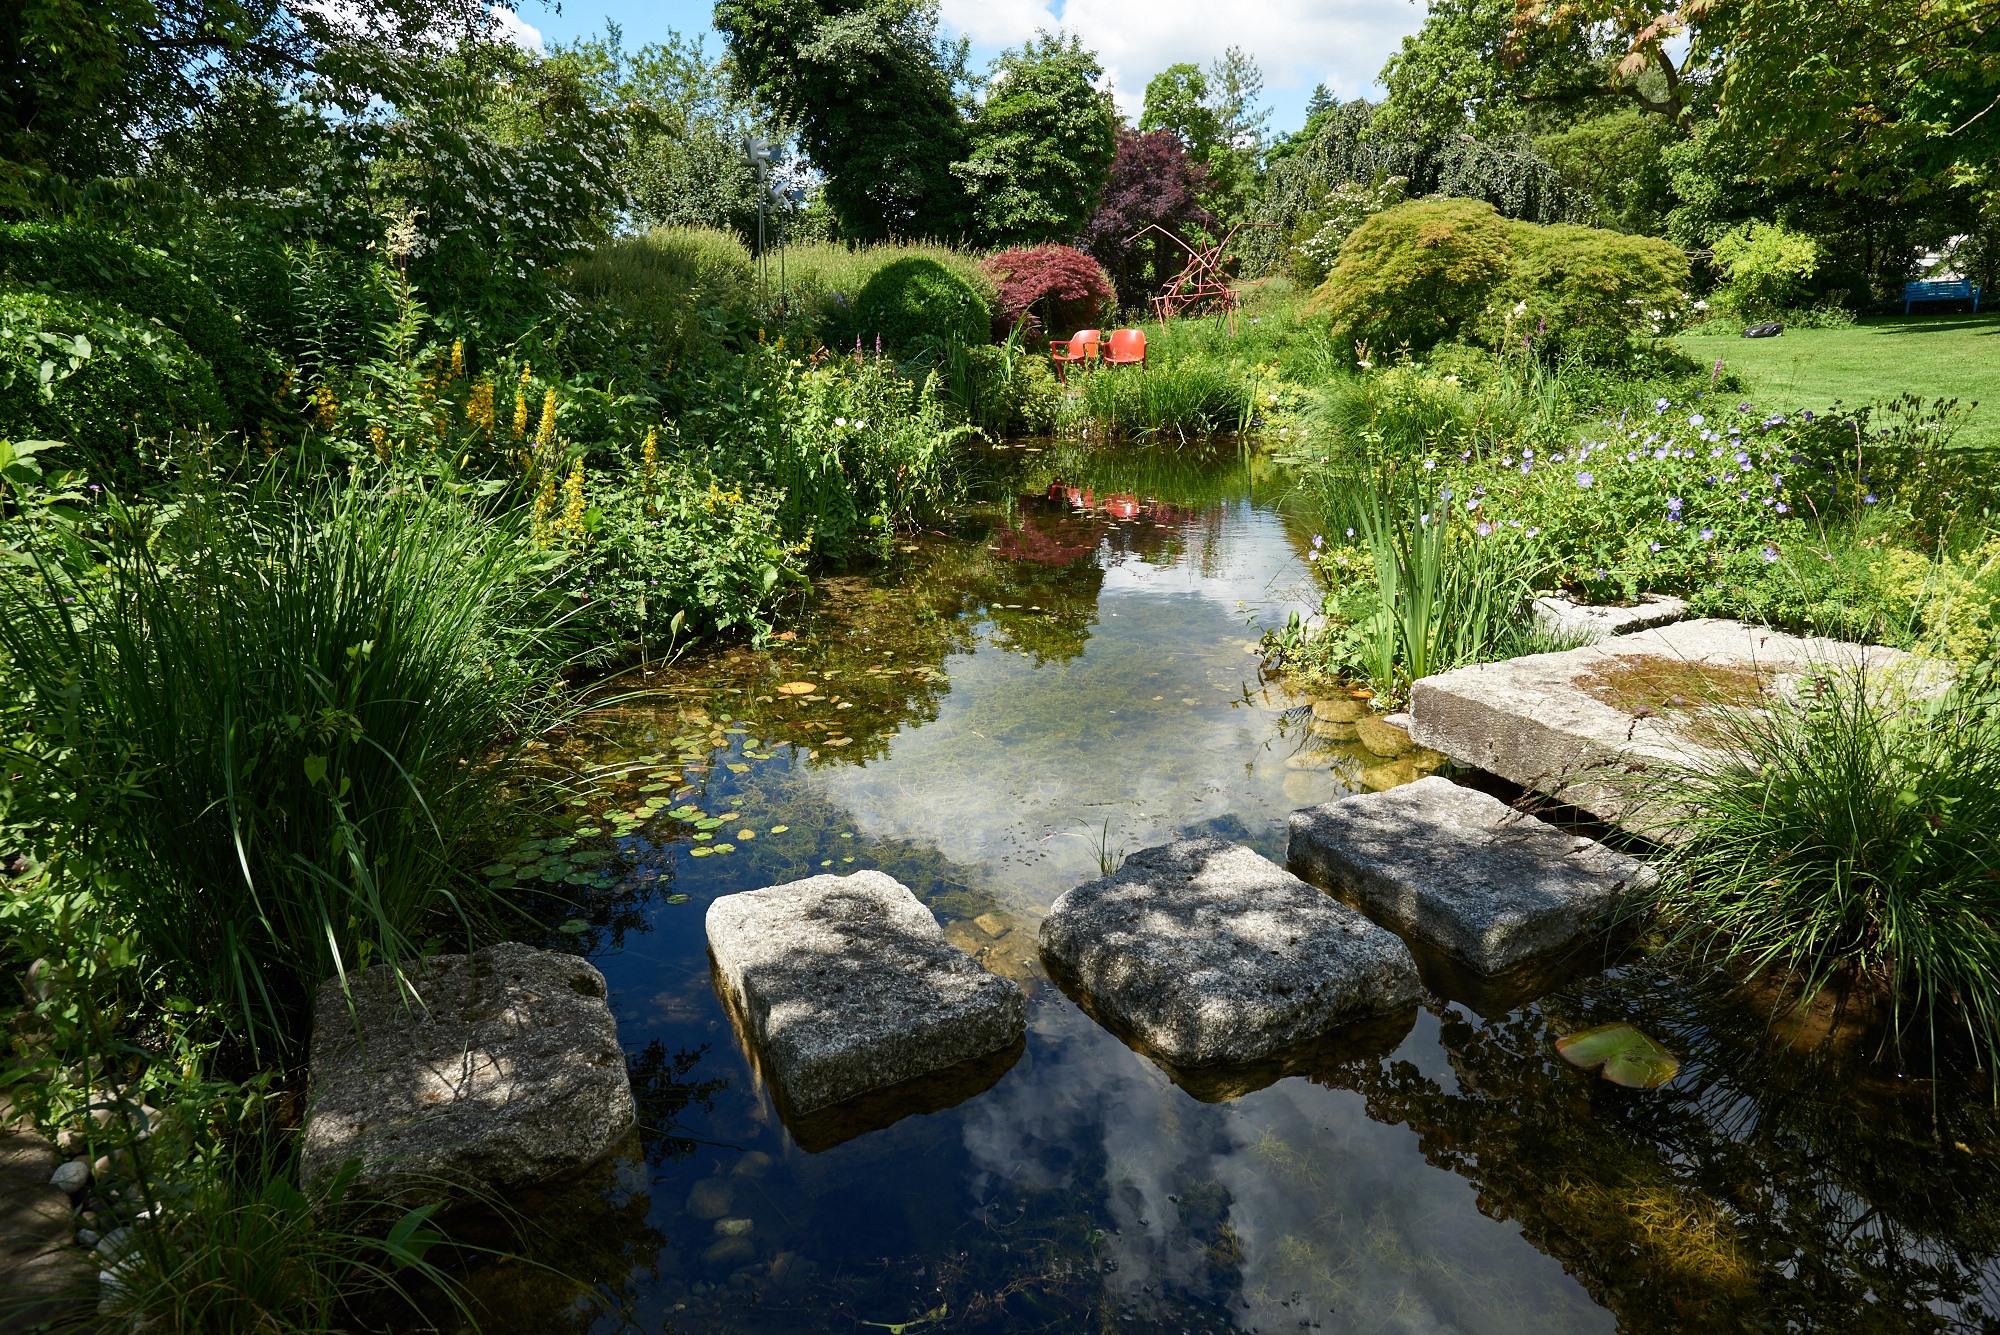 Gnädinger Gärten in Radolfzell am Bodensee